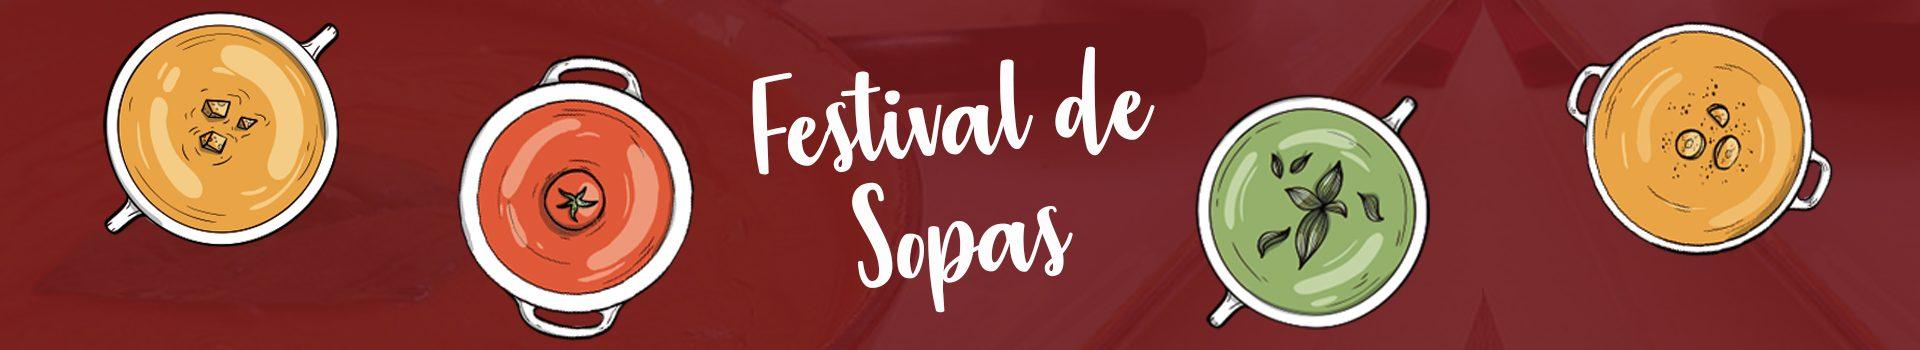 Cardapio Sopas Banner Interno